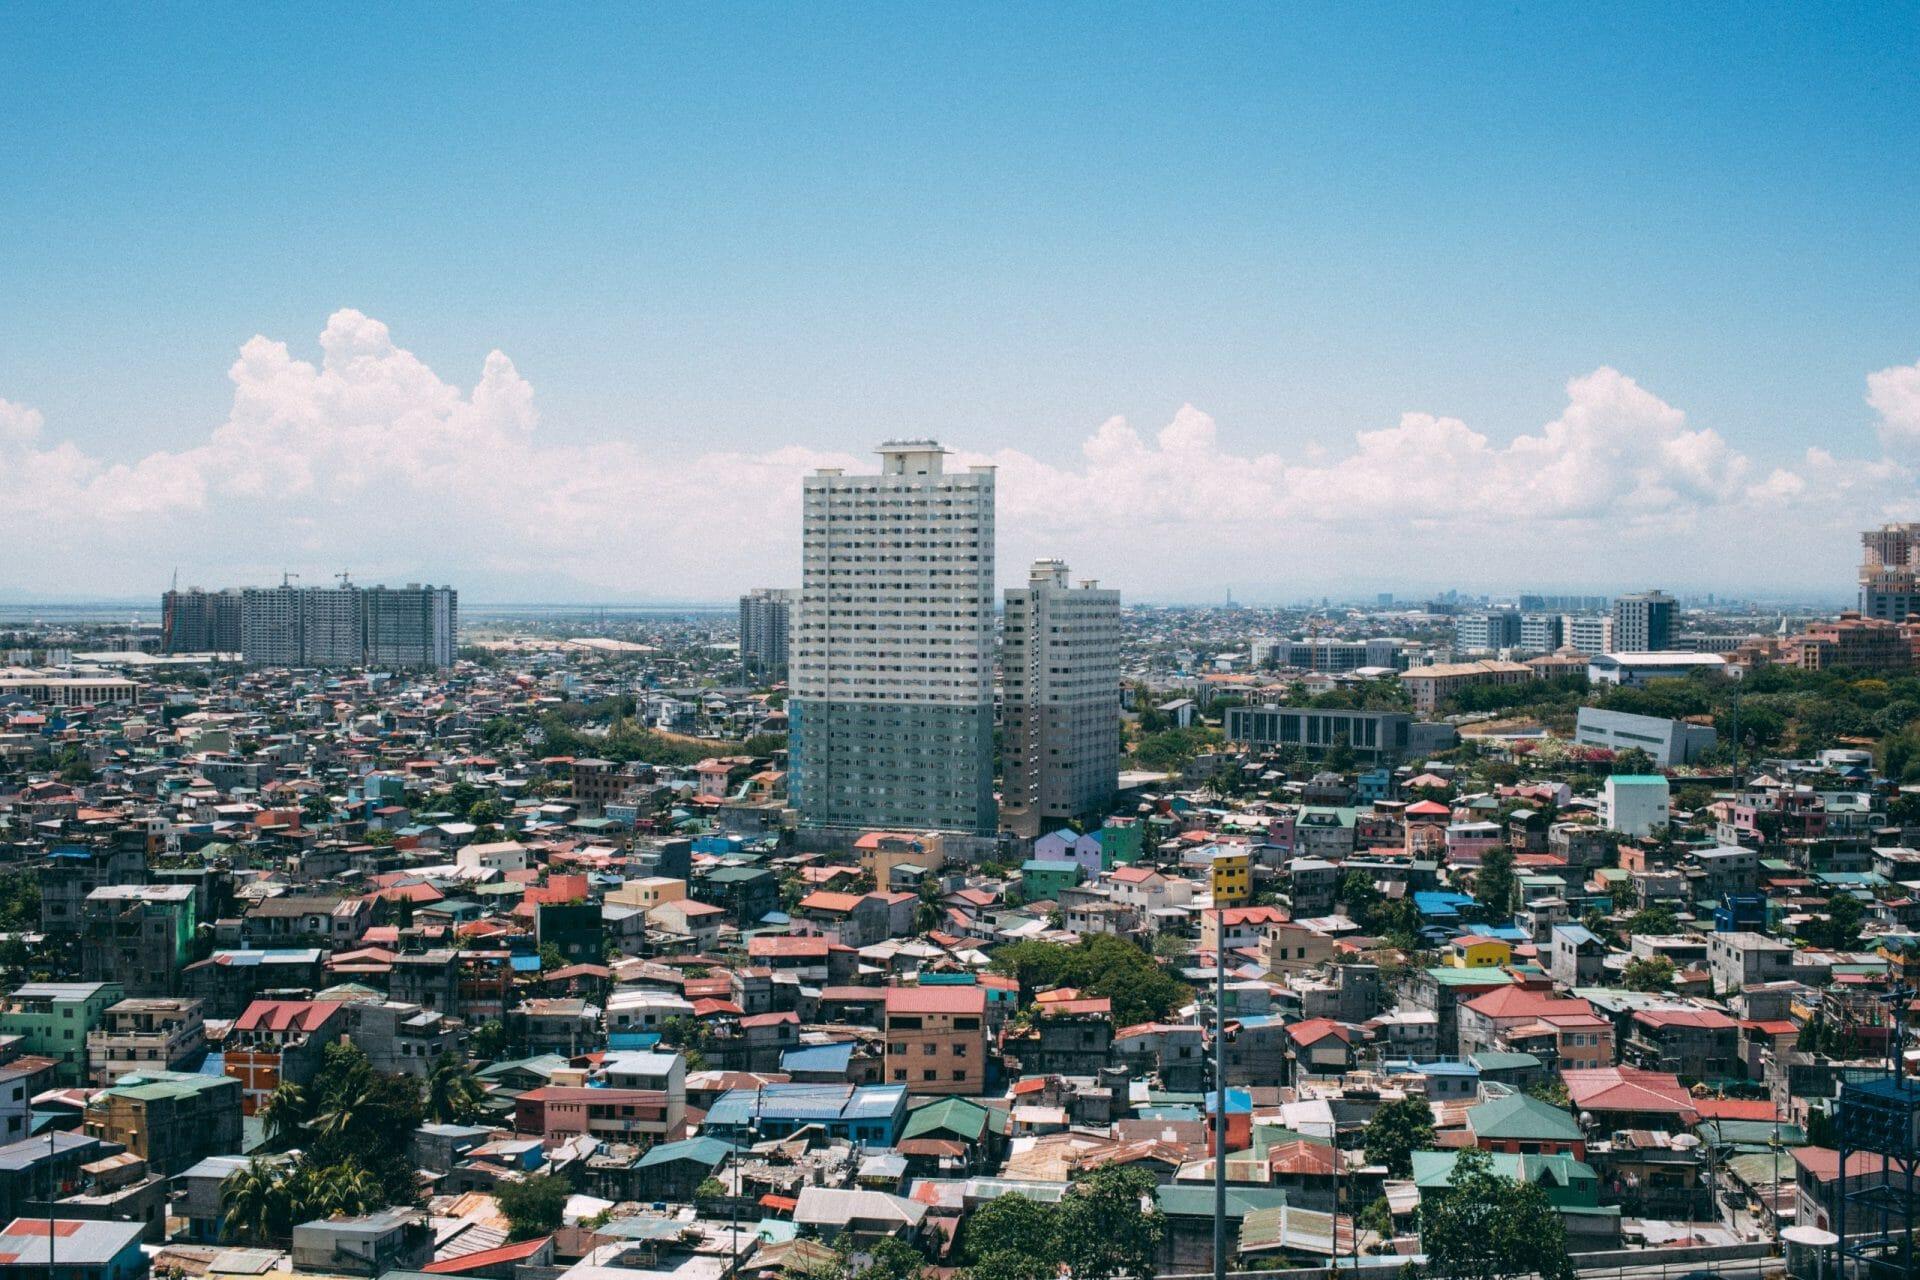 Urban Manila